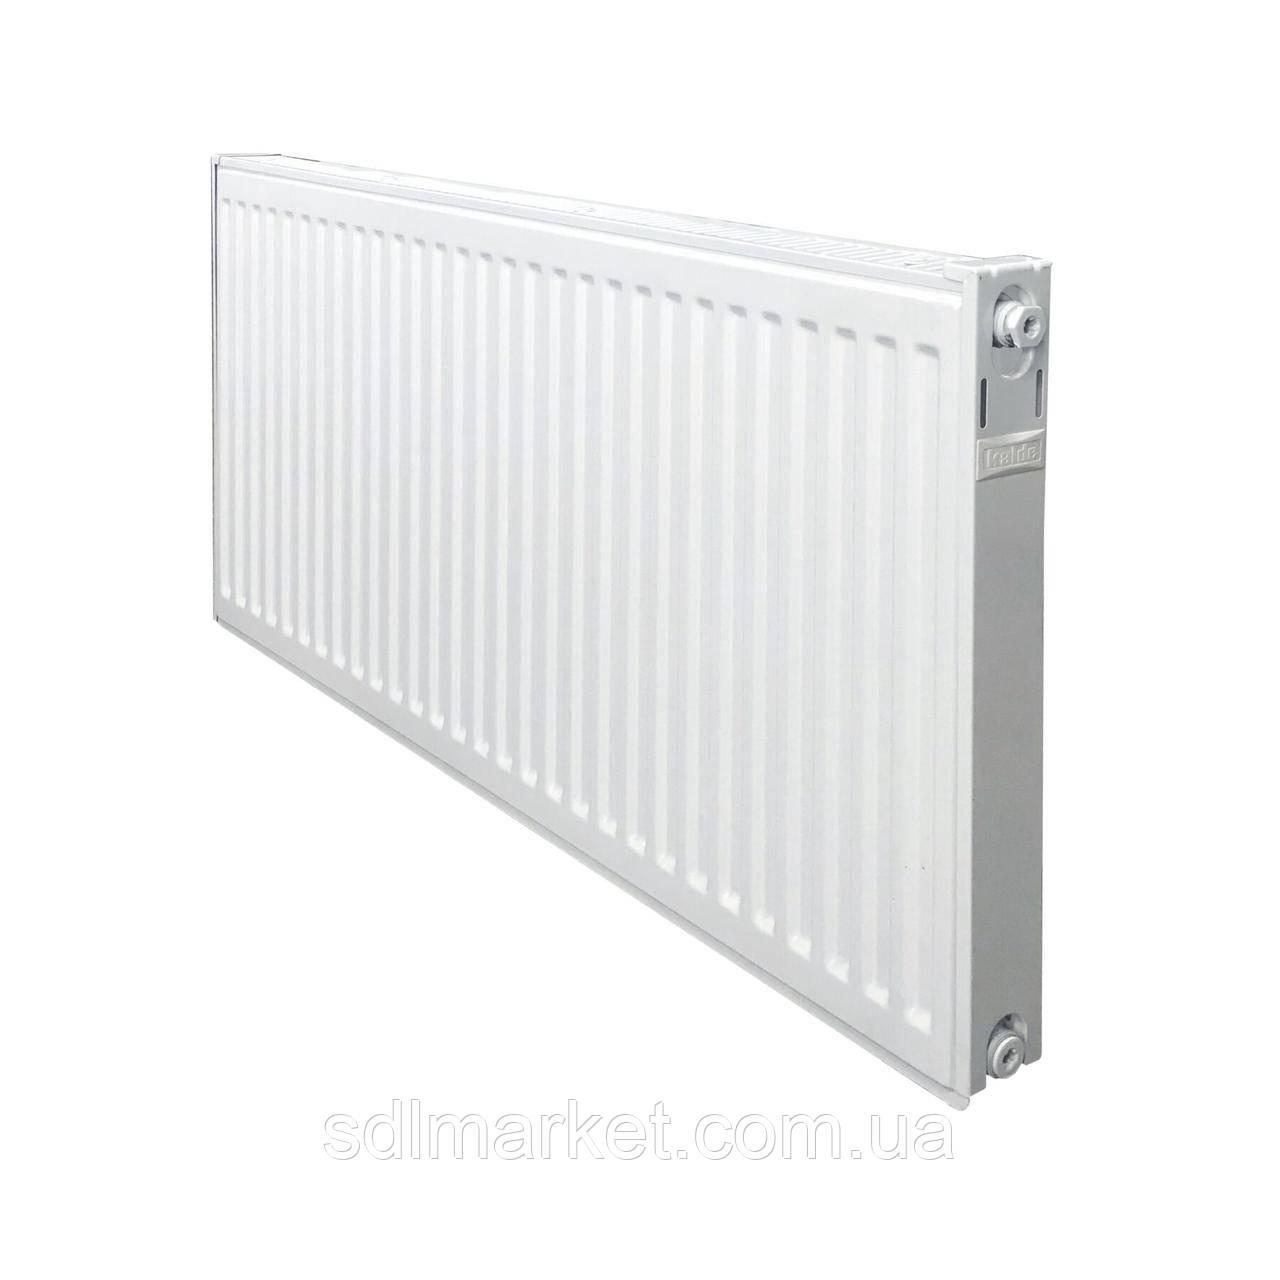 Радиатор стальной панельный KALDE 11 бок 500x800